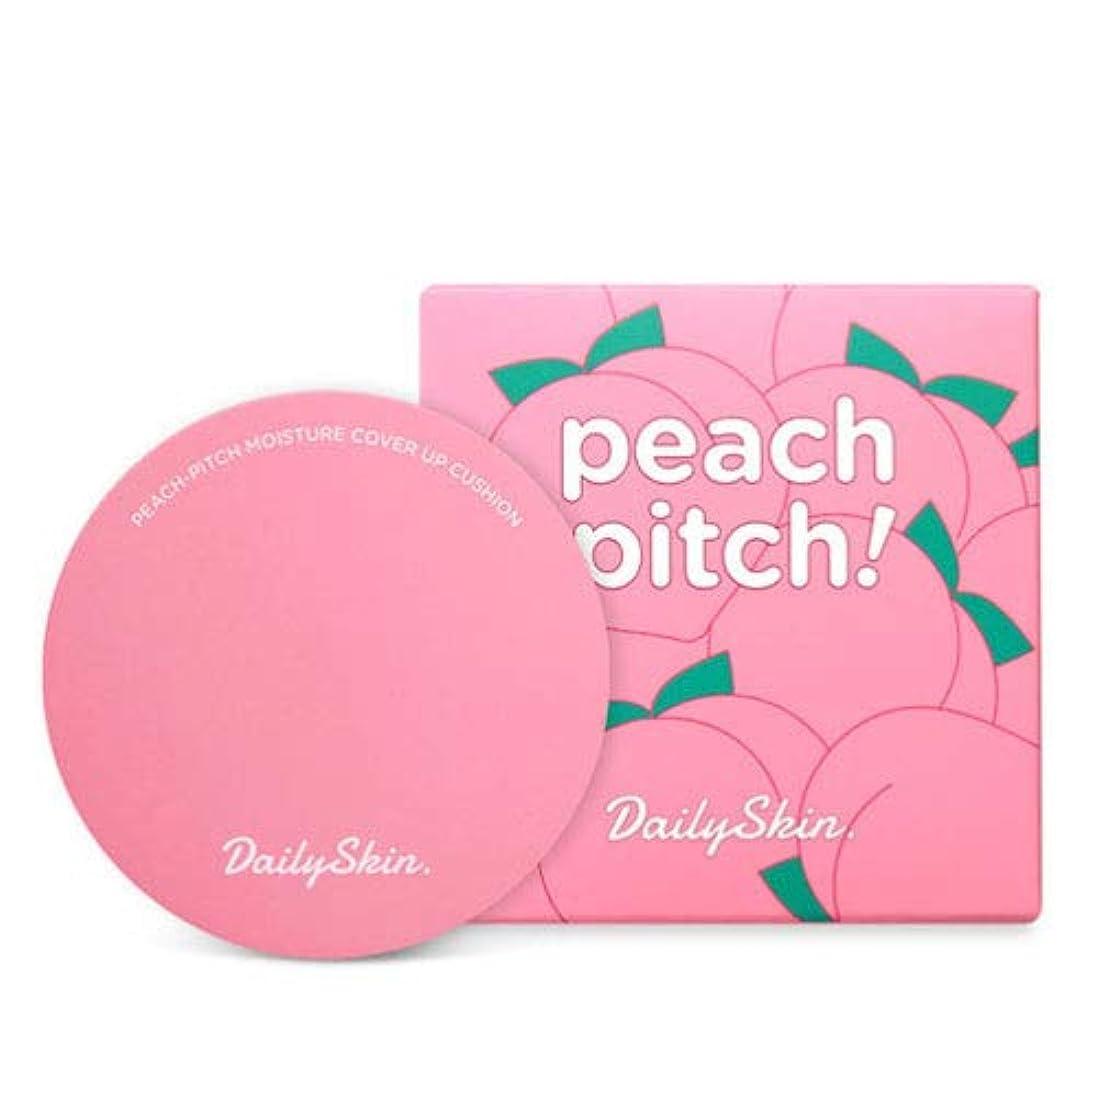 適格装置ポーチ[RENEWAL] デイリースキン ピーチ モイスチャー カバー アップ クッション Daily Skin Peach-Pitch Moisture Cover Up Cushion (No.23 Peach Natural) [並行輸入品]